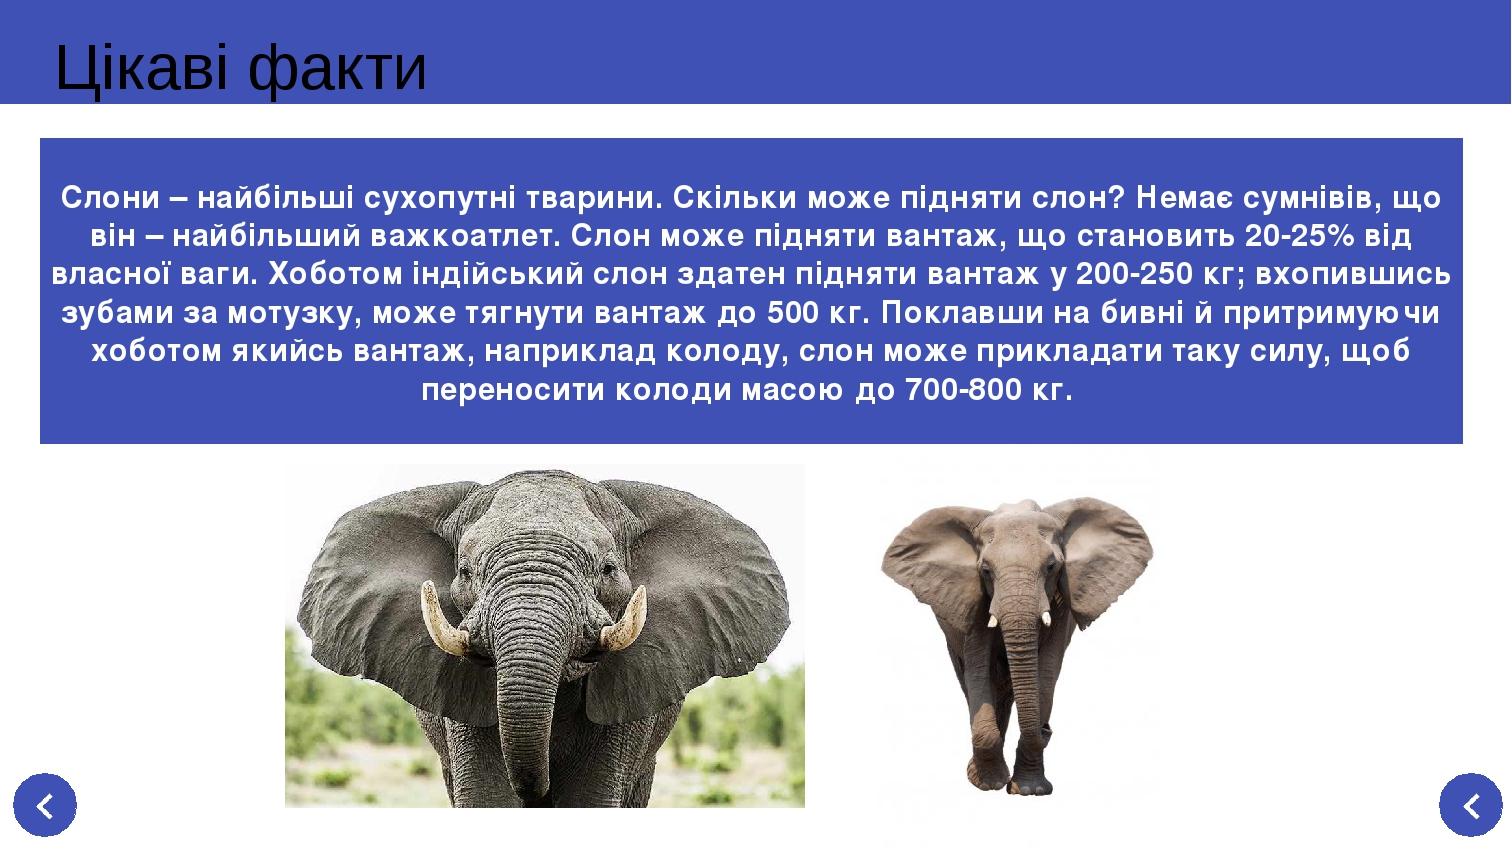 Цікаві факти Слони – найбільші сухопутні тварини. Скільки може підняти слон? Немає сумнівів, що він – найбільший важкоатлет. Слон може підняти вант...